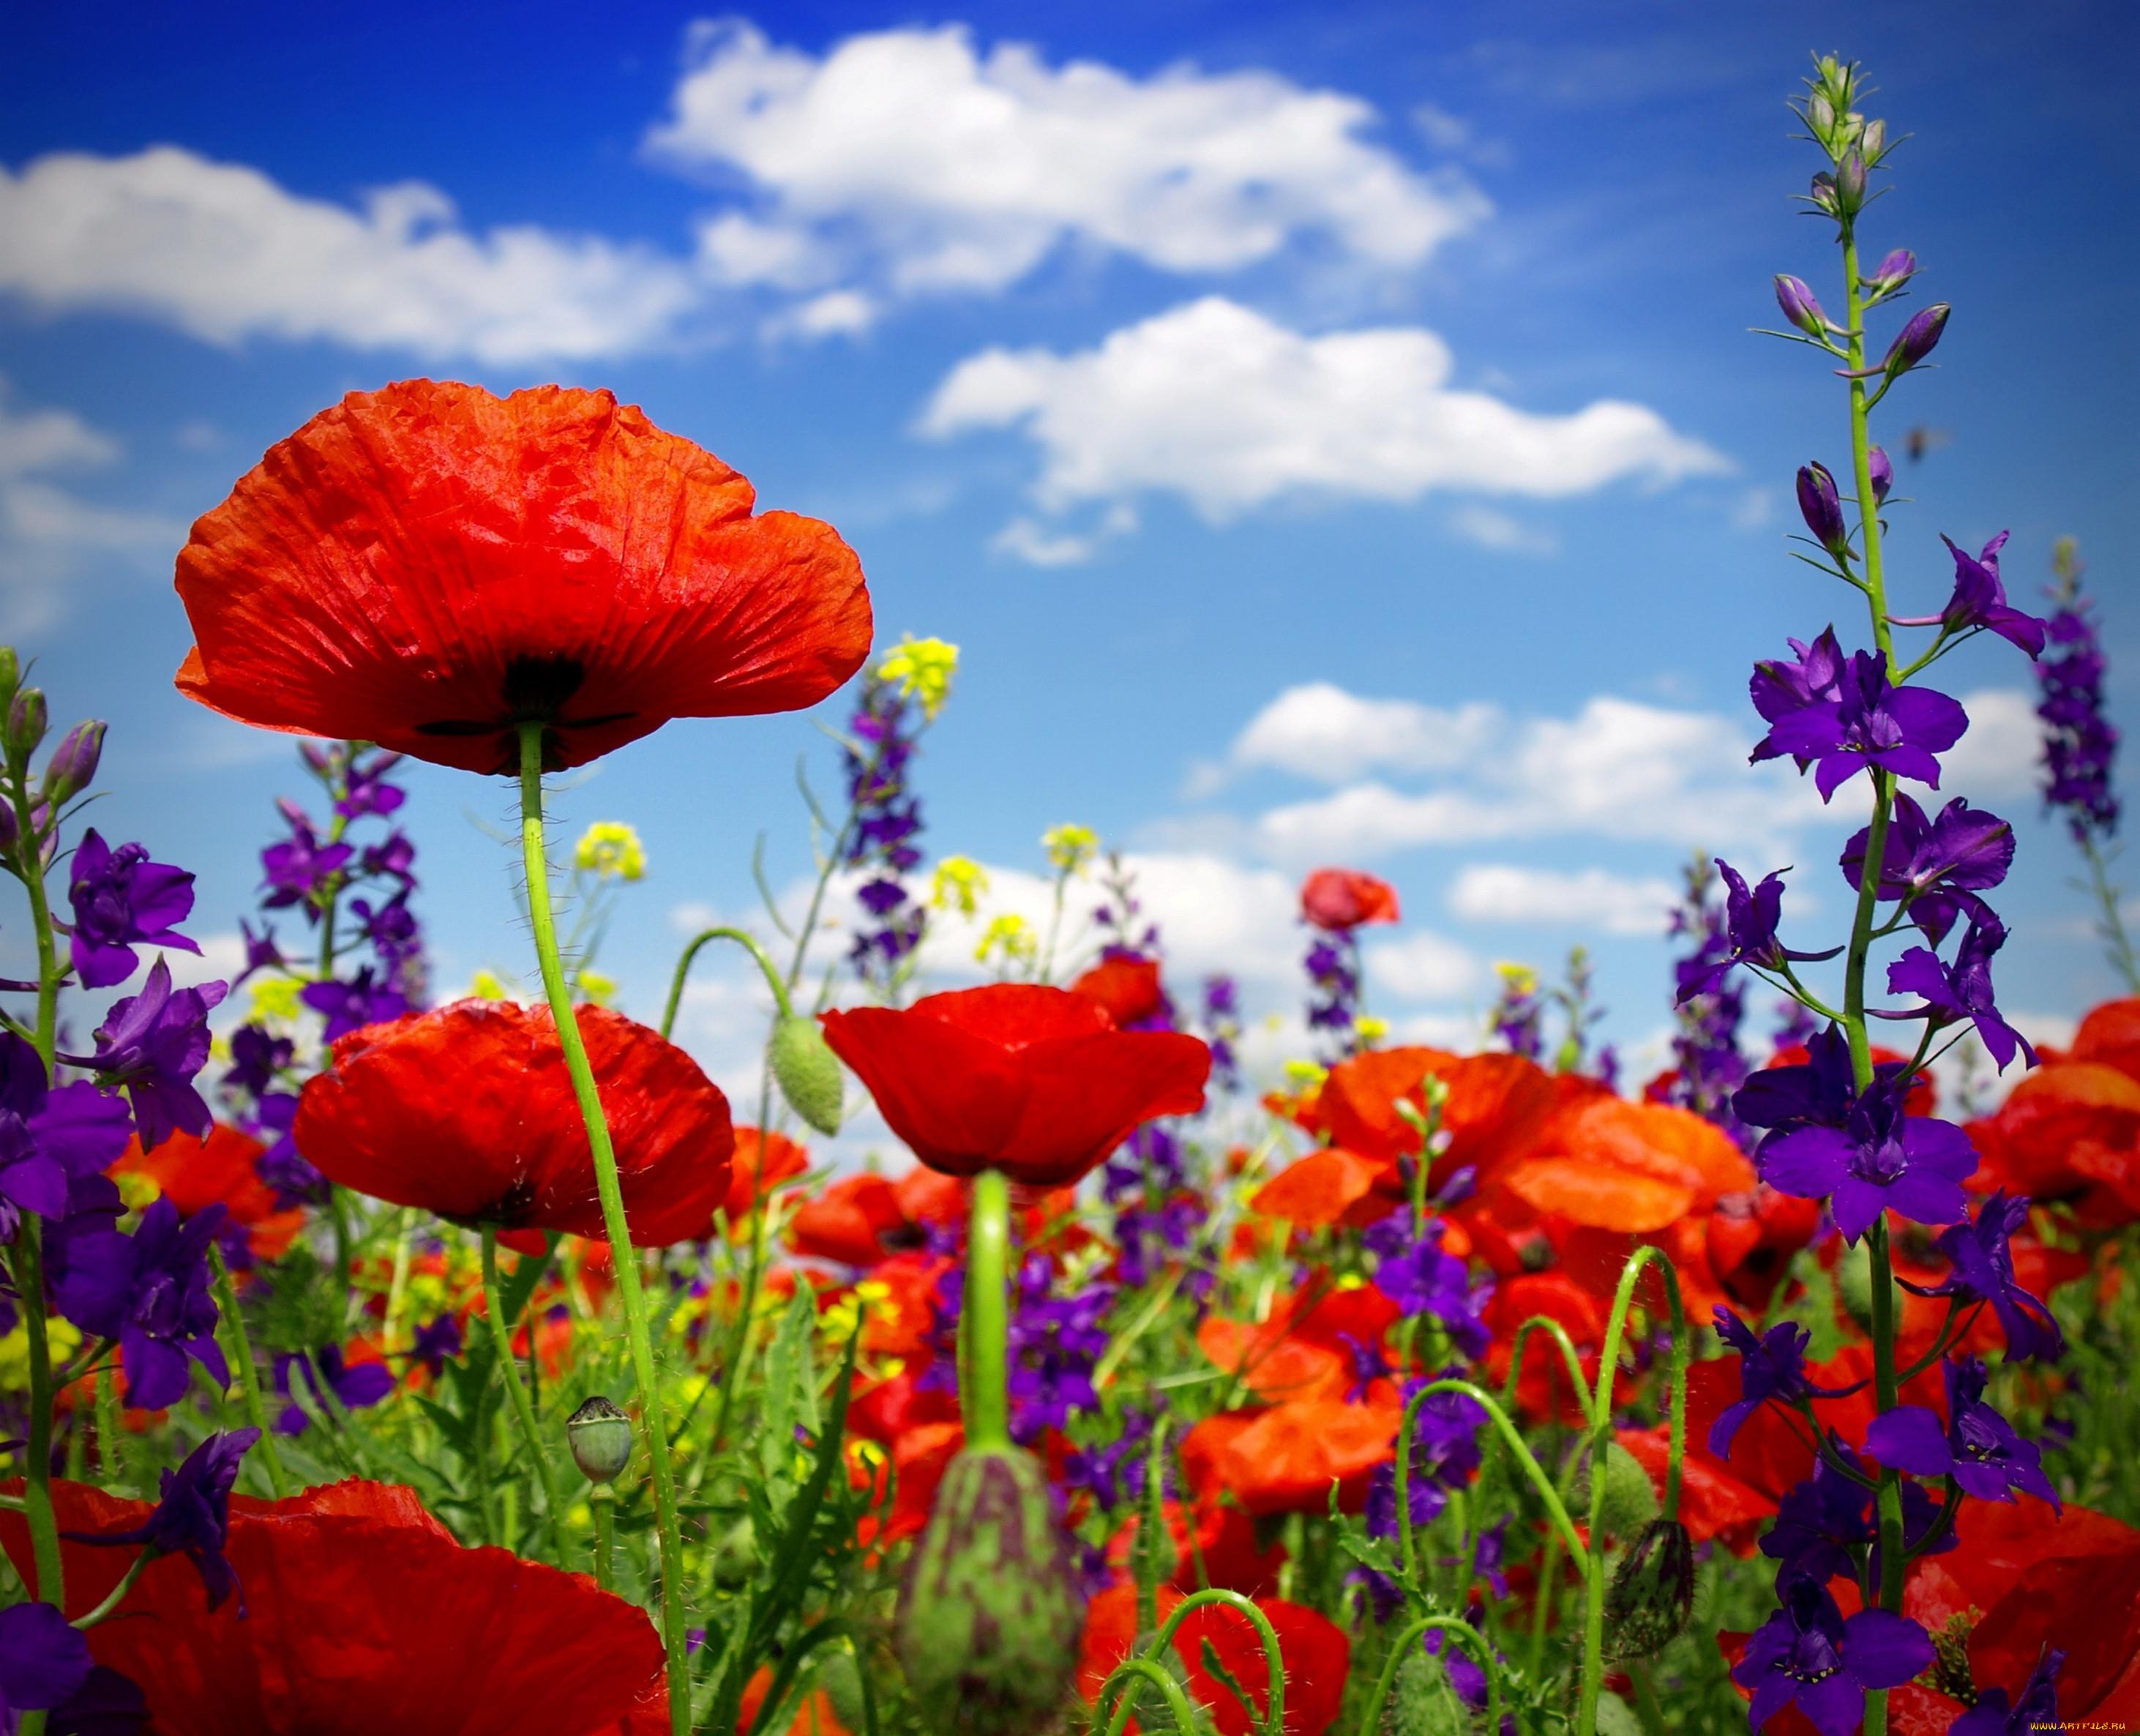 Аквариумные цветы фото фдч используется